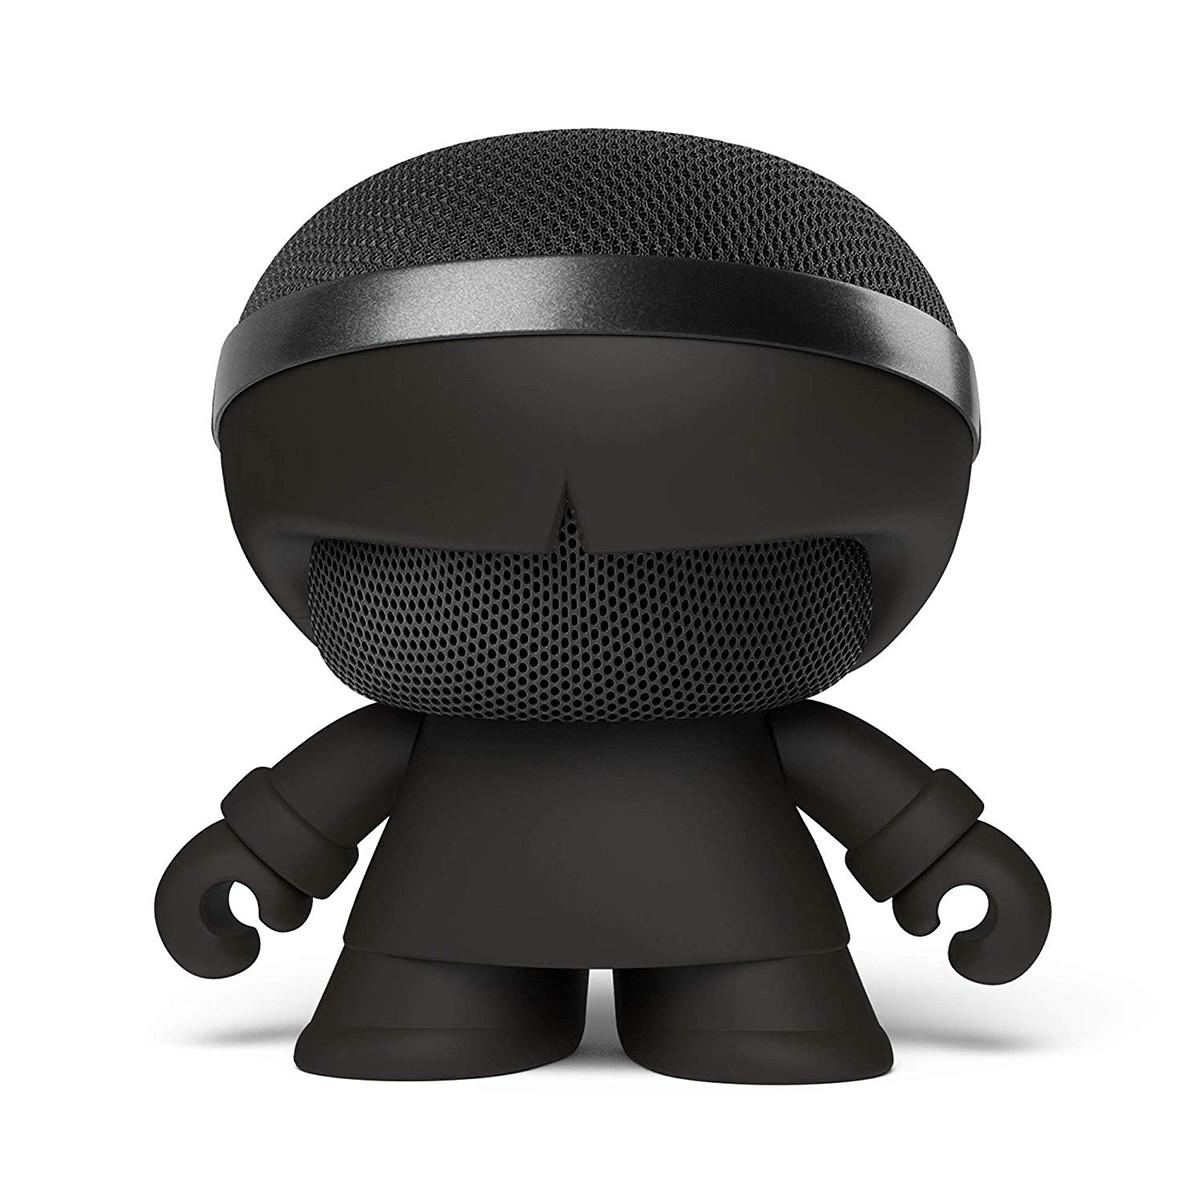 Портативная колонка Xoopar Xboy glow LED черная 12 см